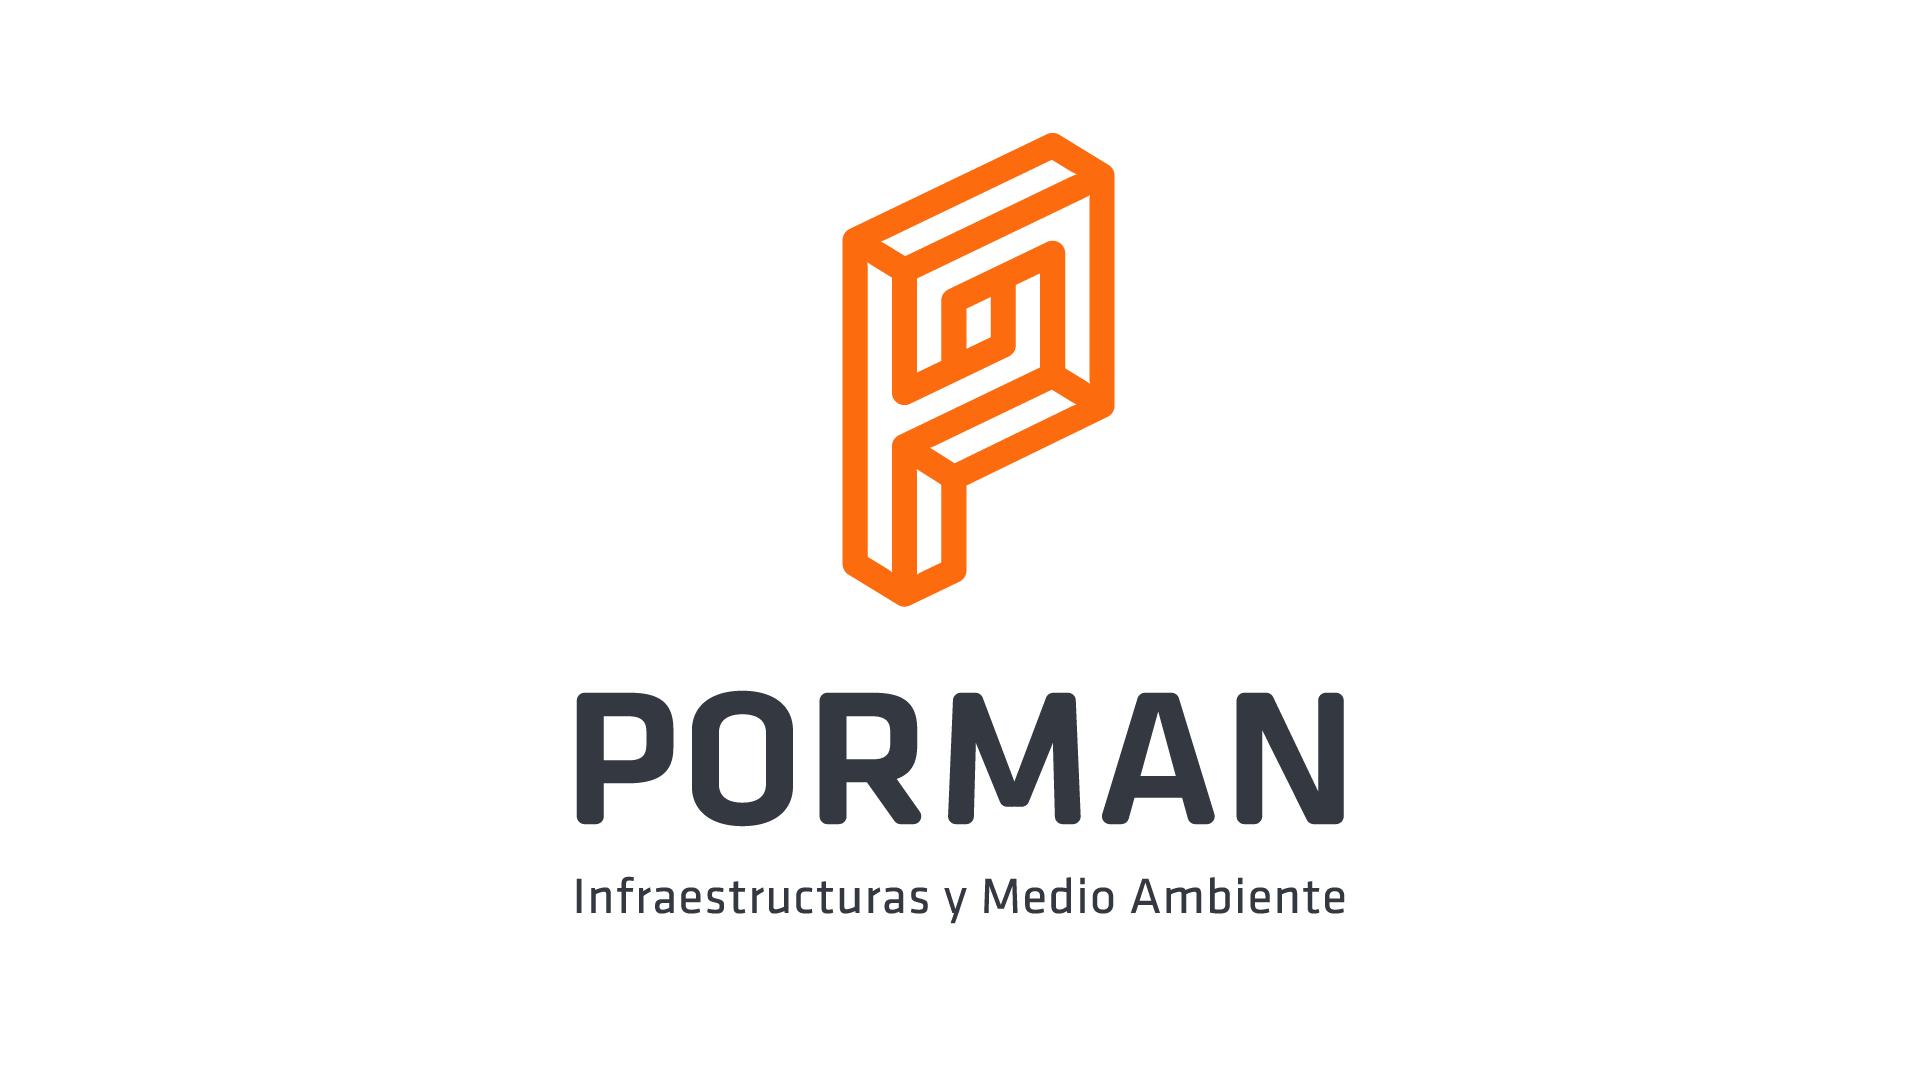 Logotipo diseñado para Porman